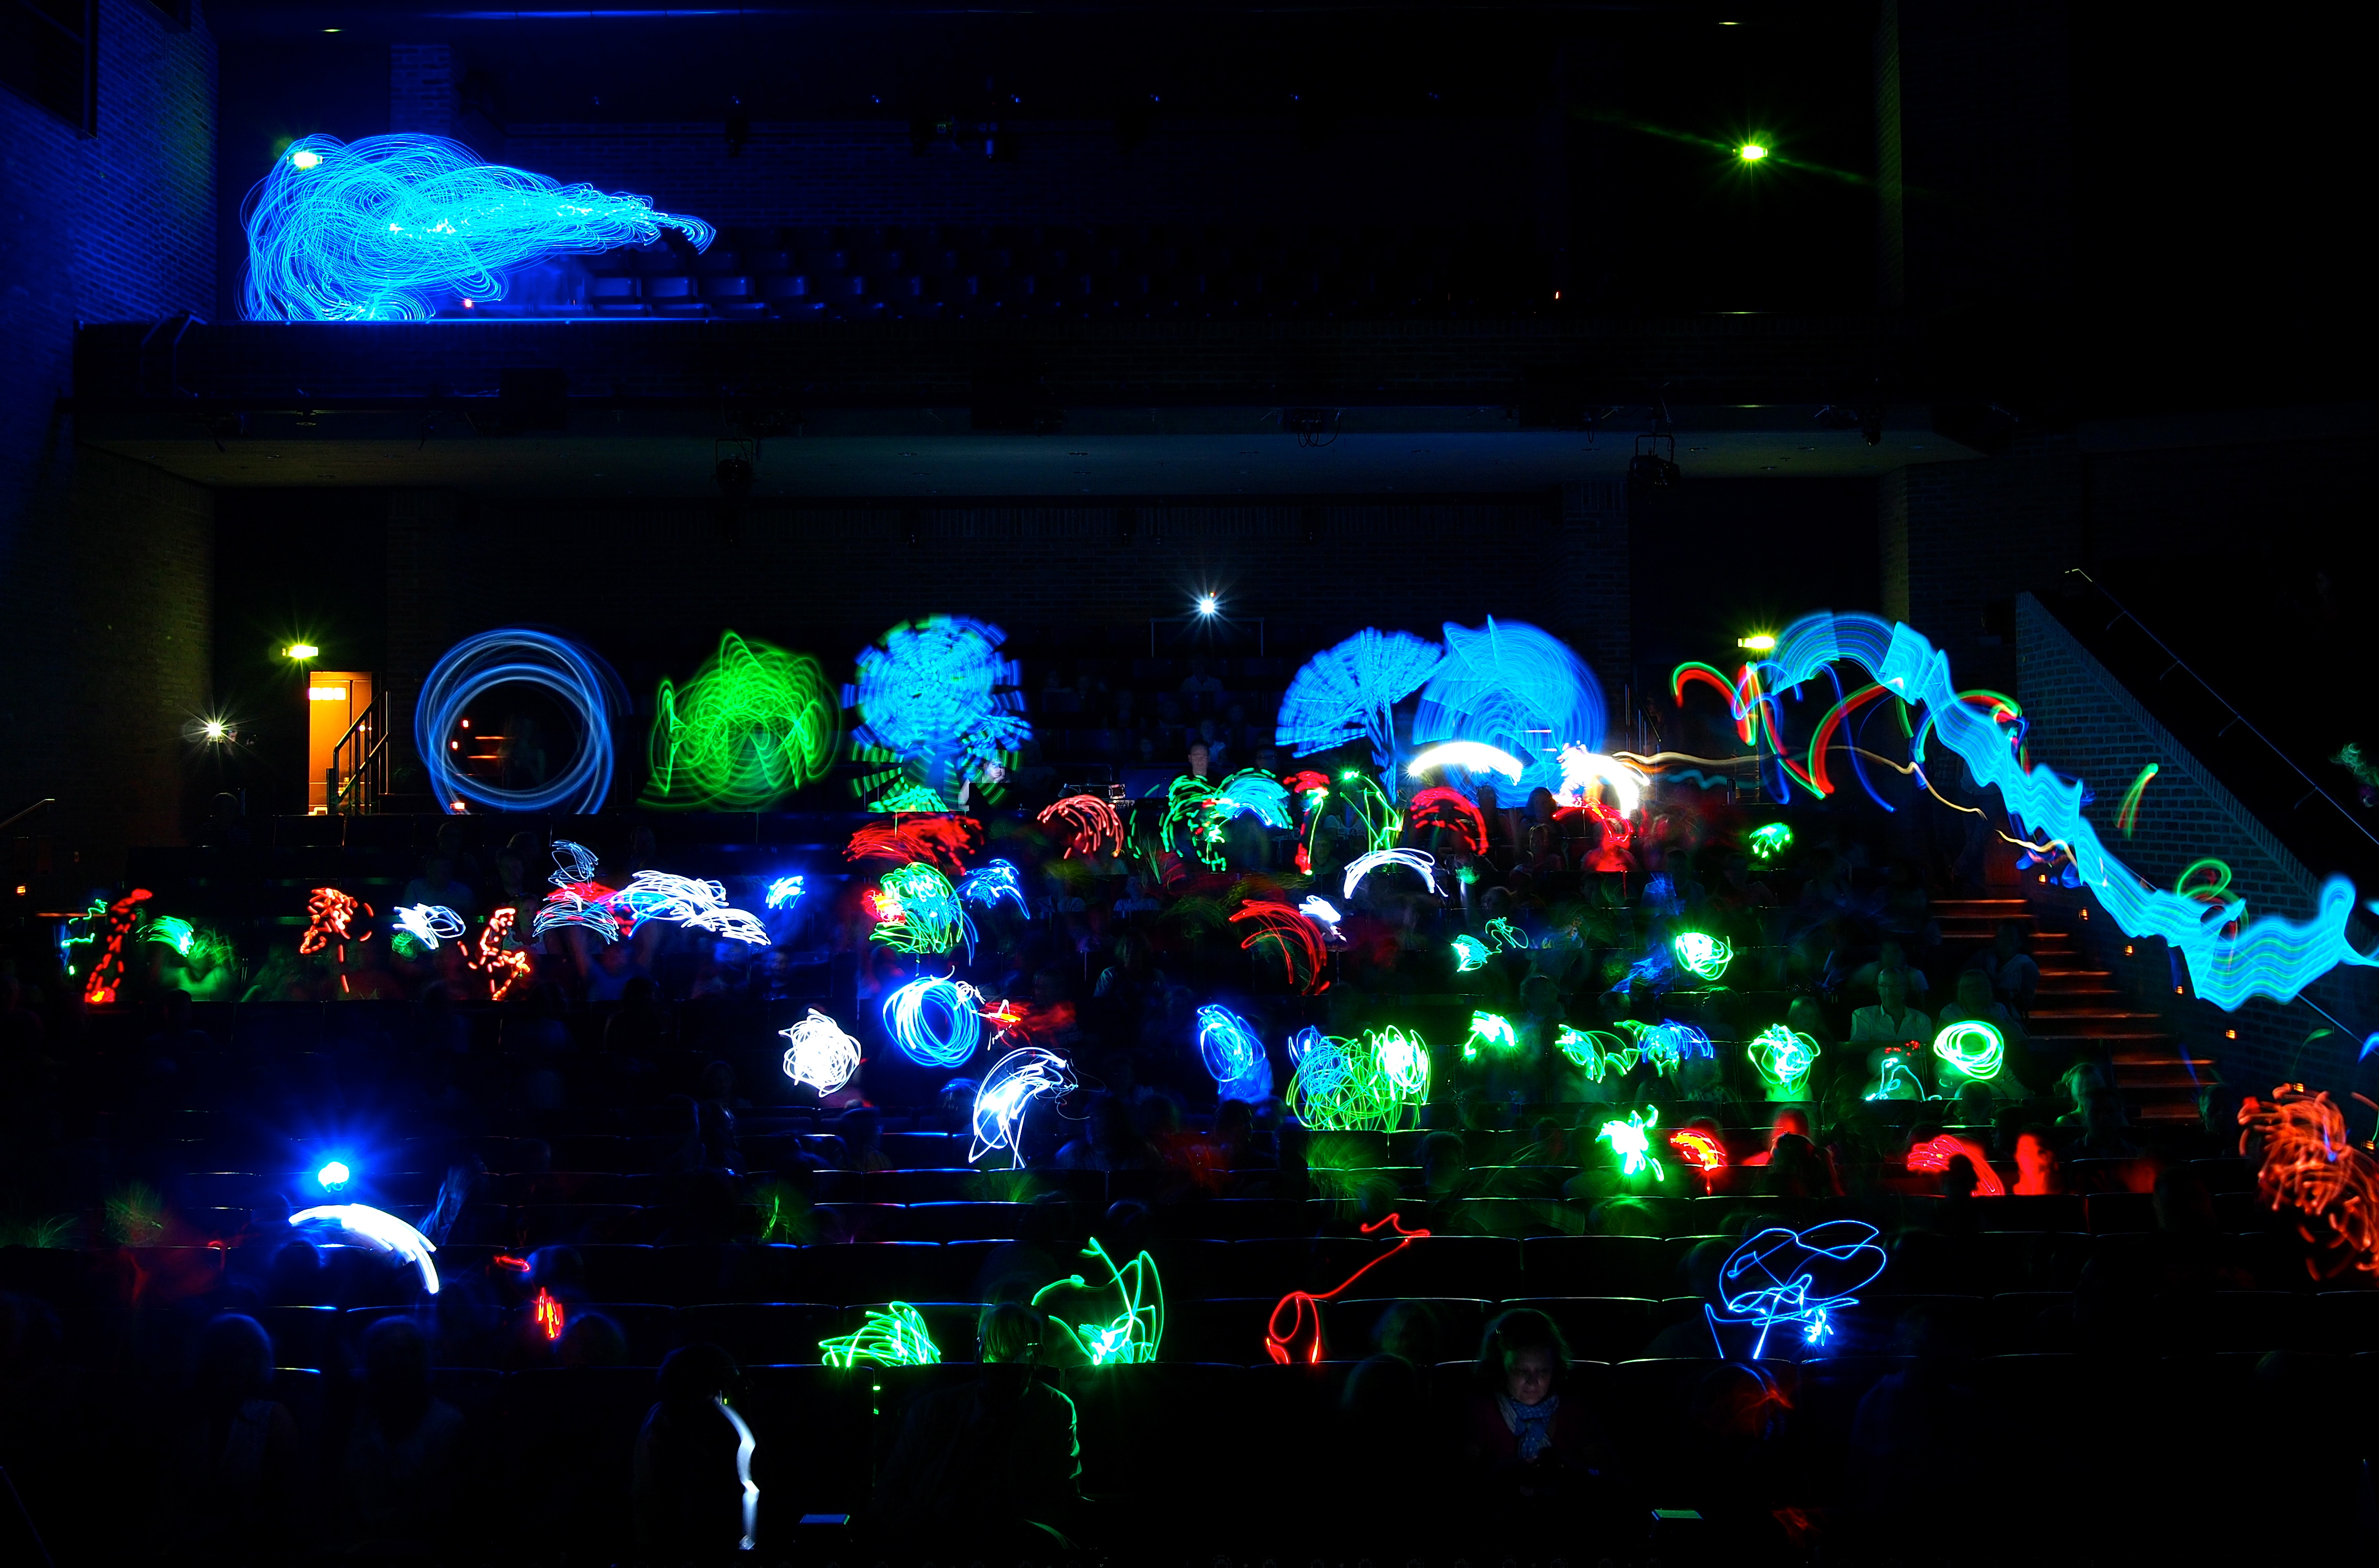 Publikums Lightpainting, Entstanden beim Kinderfotopreis München 2013 im Carl Orff Saal des Gasteig, Fotograf: Ulrich Tausend